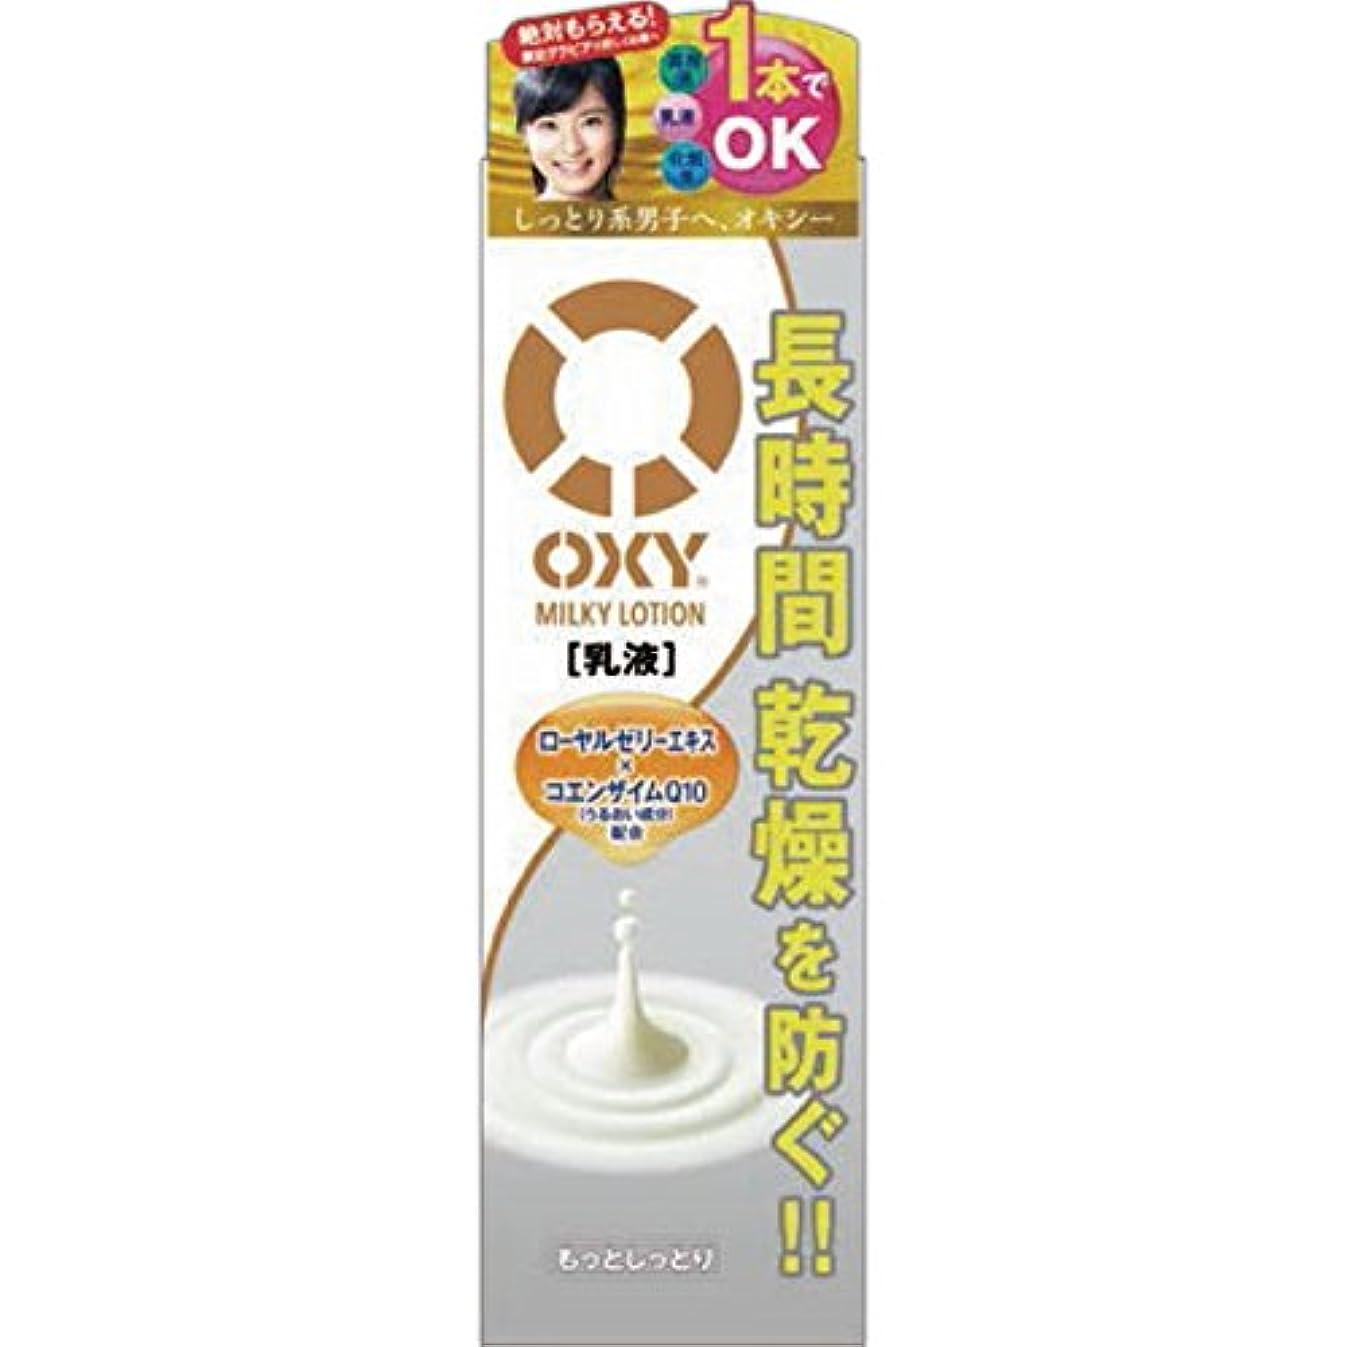 味運賃急流オキシー (Oxy) ミルキーローション オールインワン乳液 スーパーヒアルロン酸×ローヤルゼリー配合 ゼラニウムの香 170mL